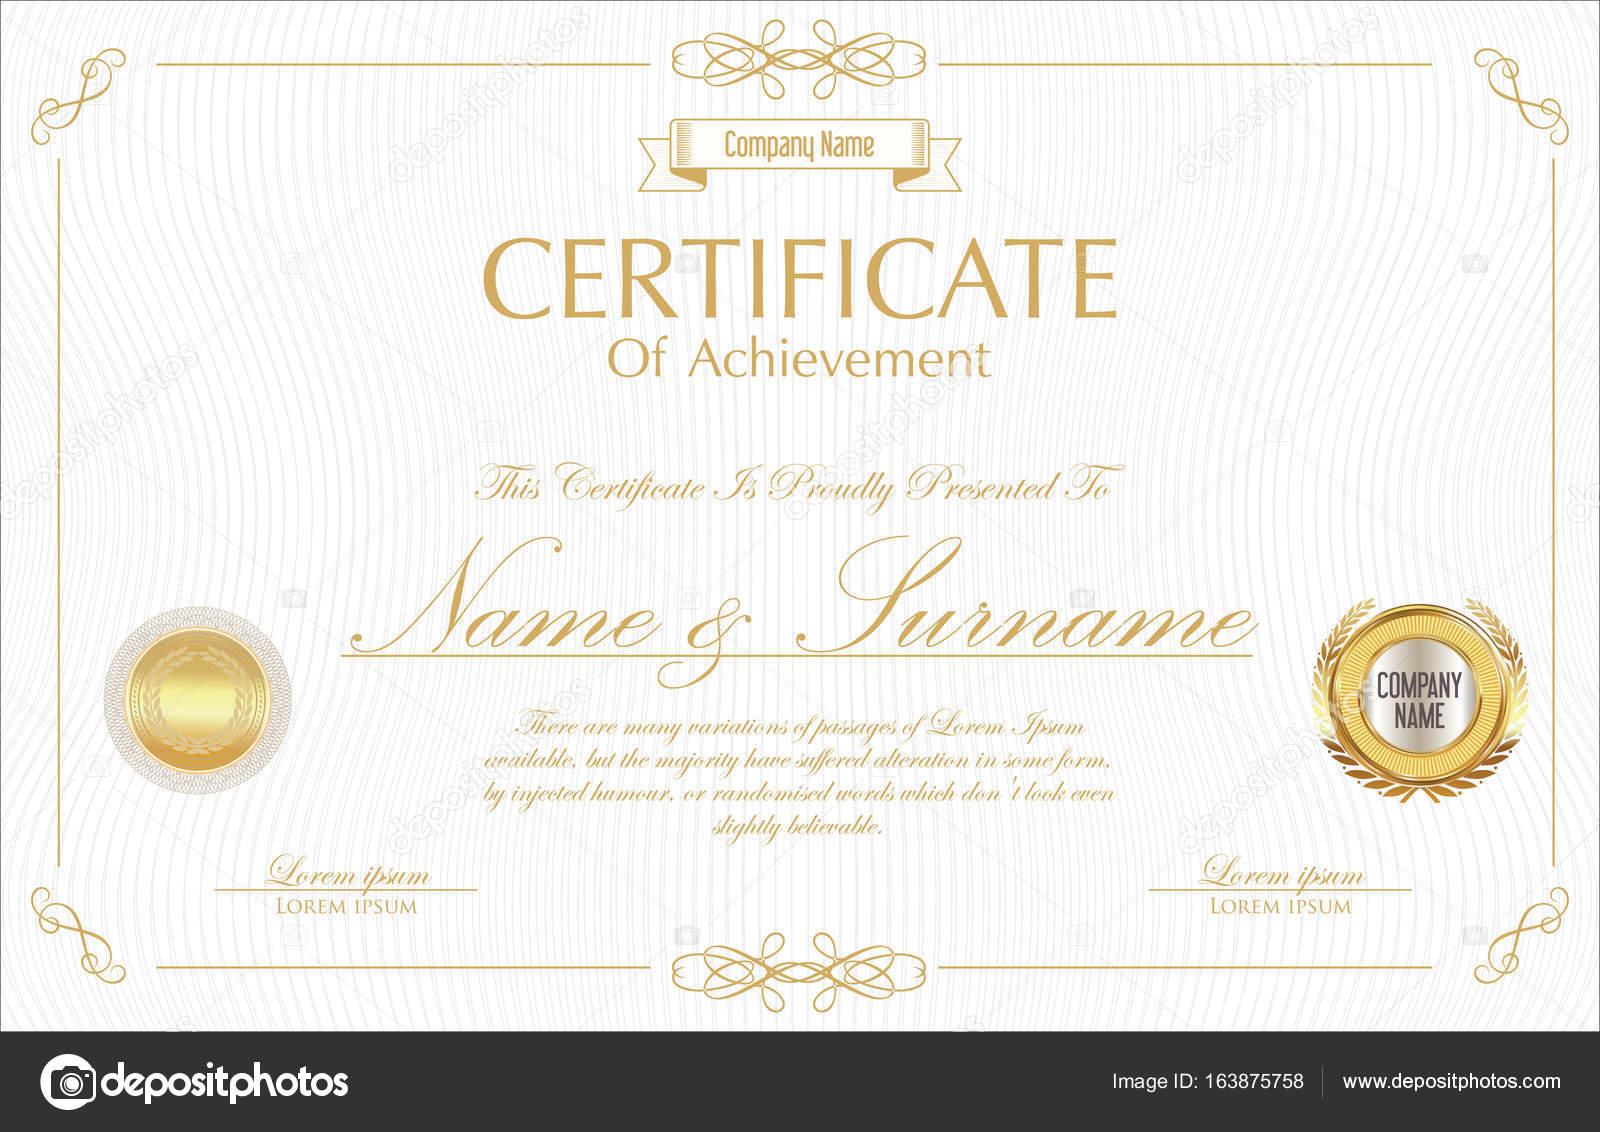 Berühmt Diplom Vorlage Wort Fotos - Entry Level Resume Vorlagen ...